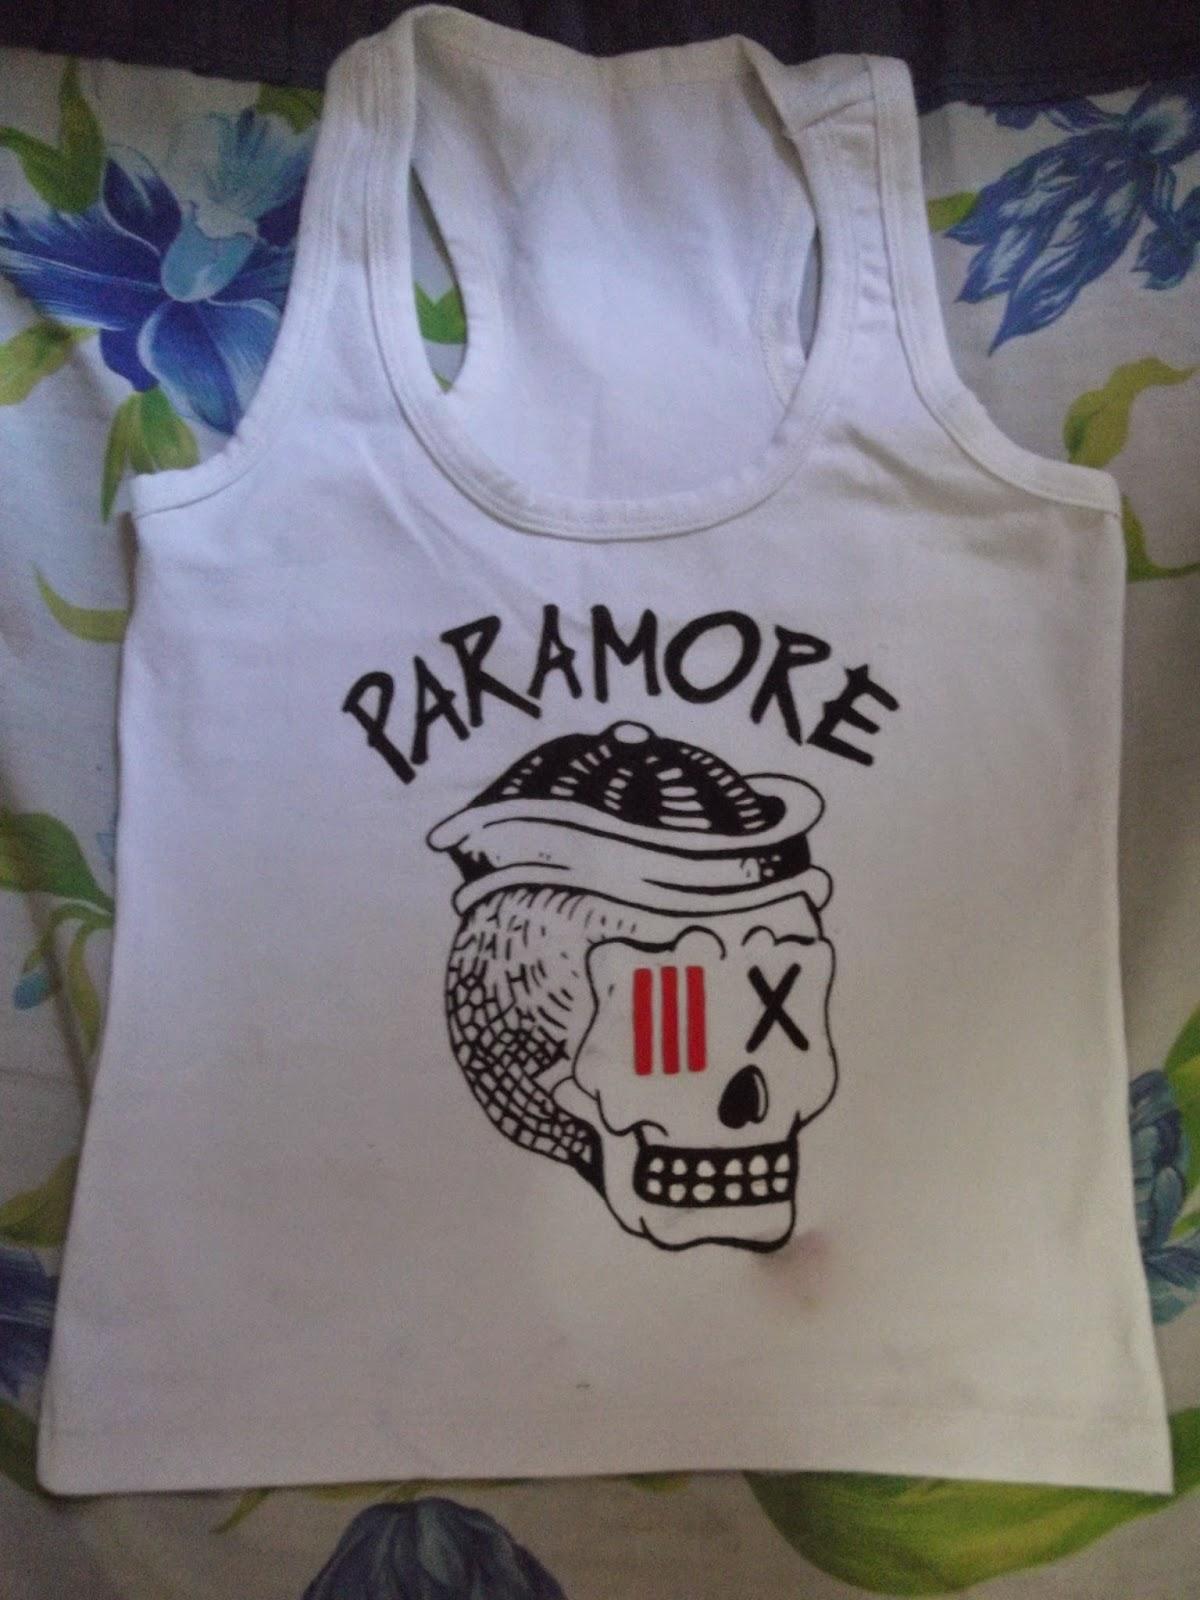 Nada de conto de fadas pintura em camiseta paramore - Pintura para camisetas ...